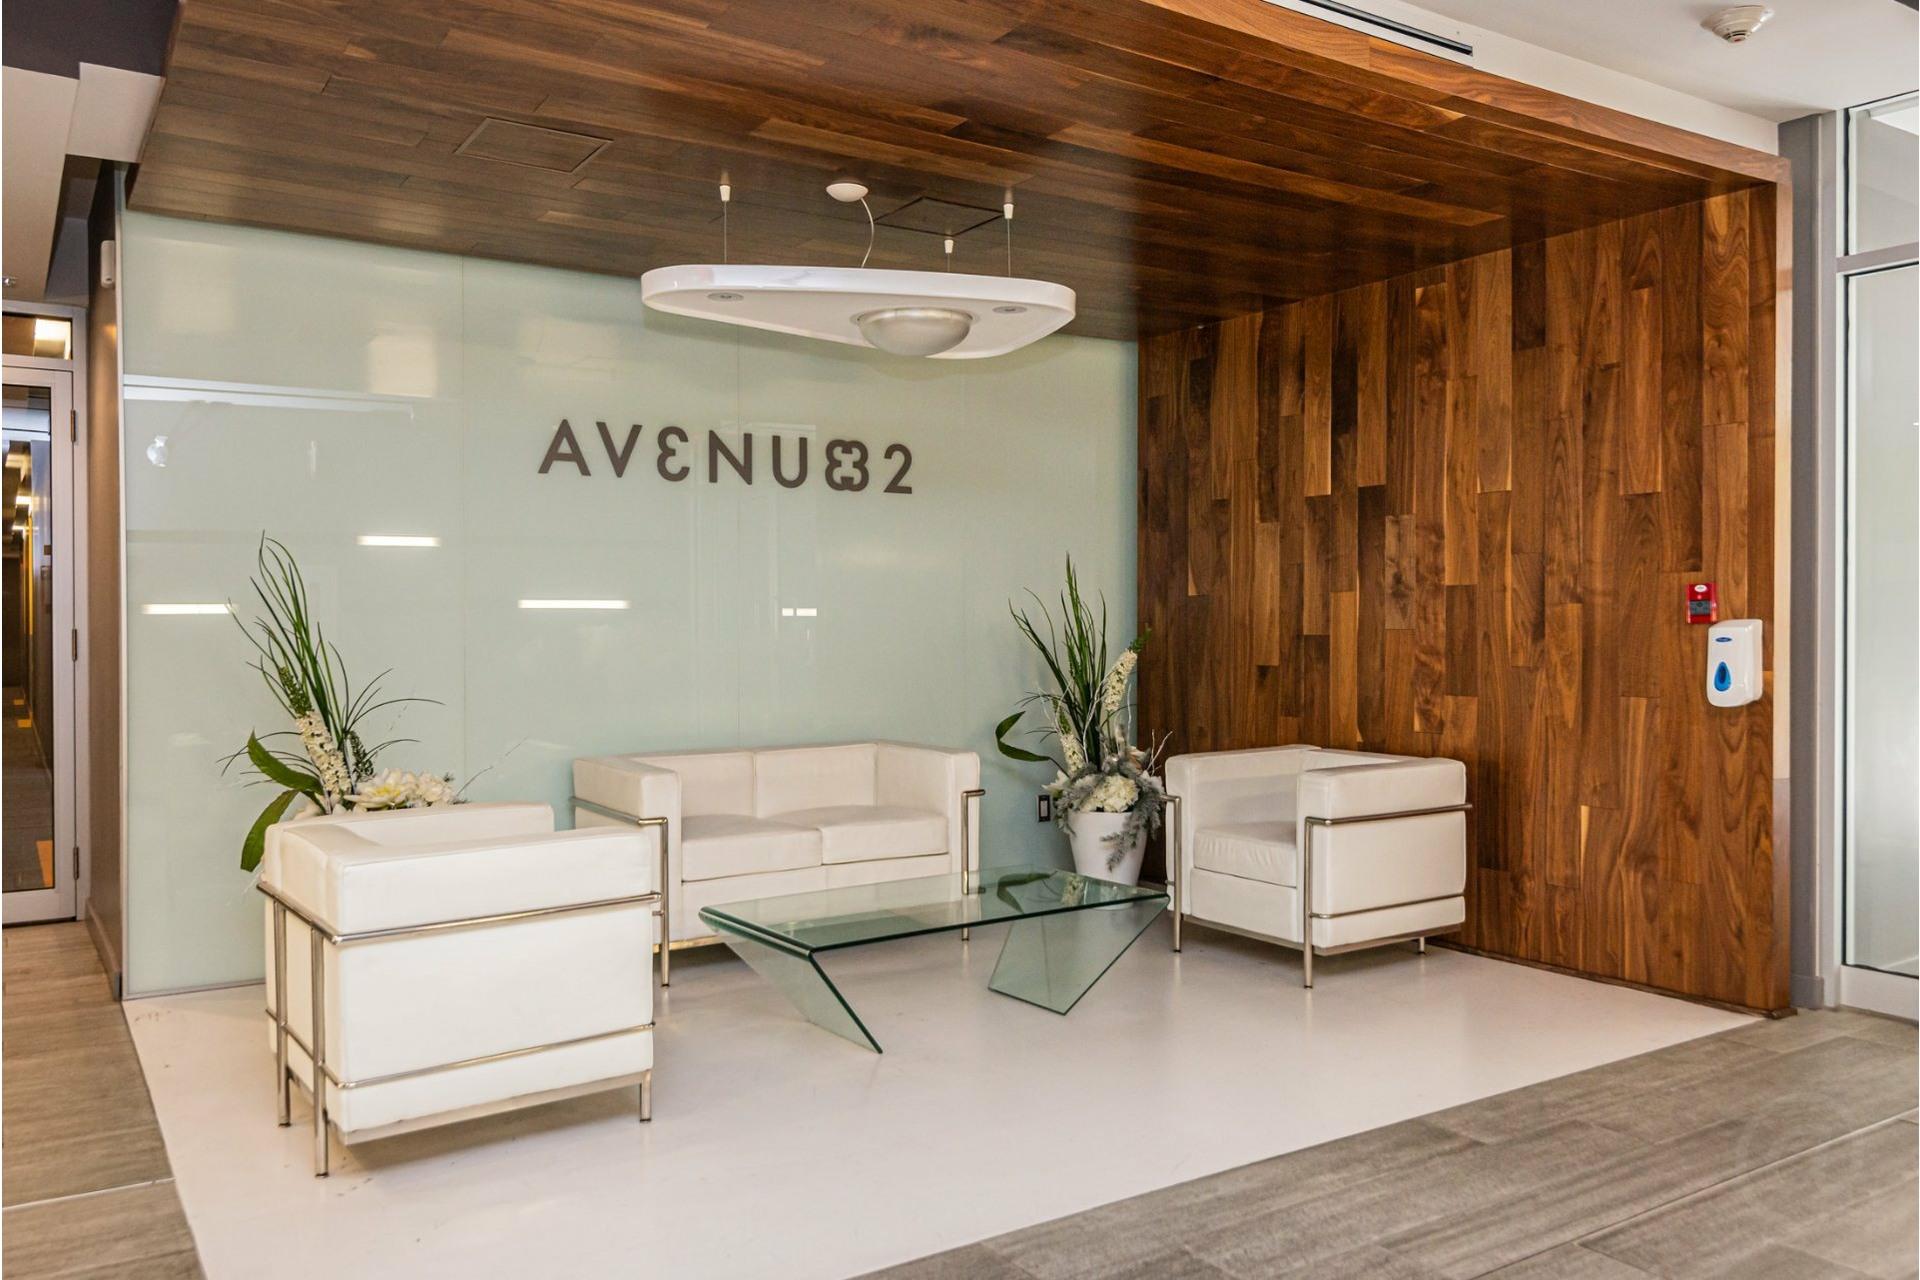 image 5 - Apartment For sale Lachine Montréal  - 4 rooms